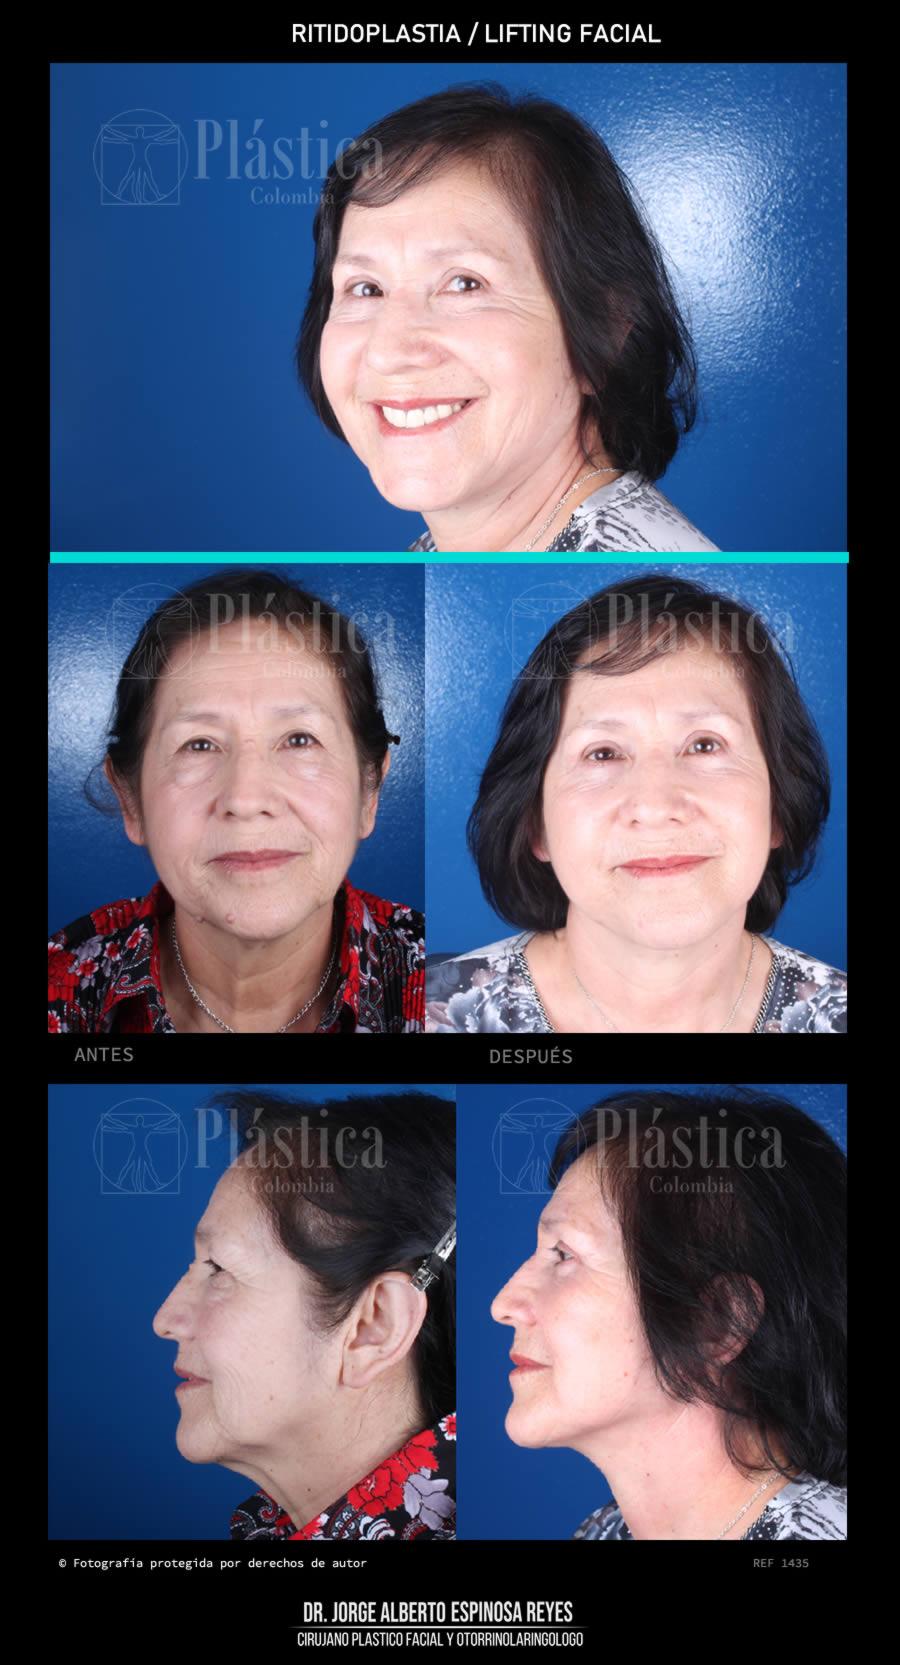 Foto 1435 Lifting Facial